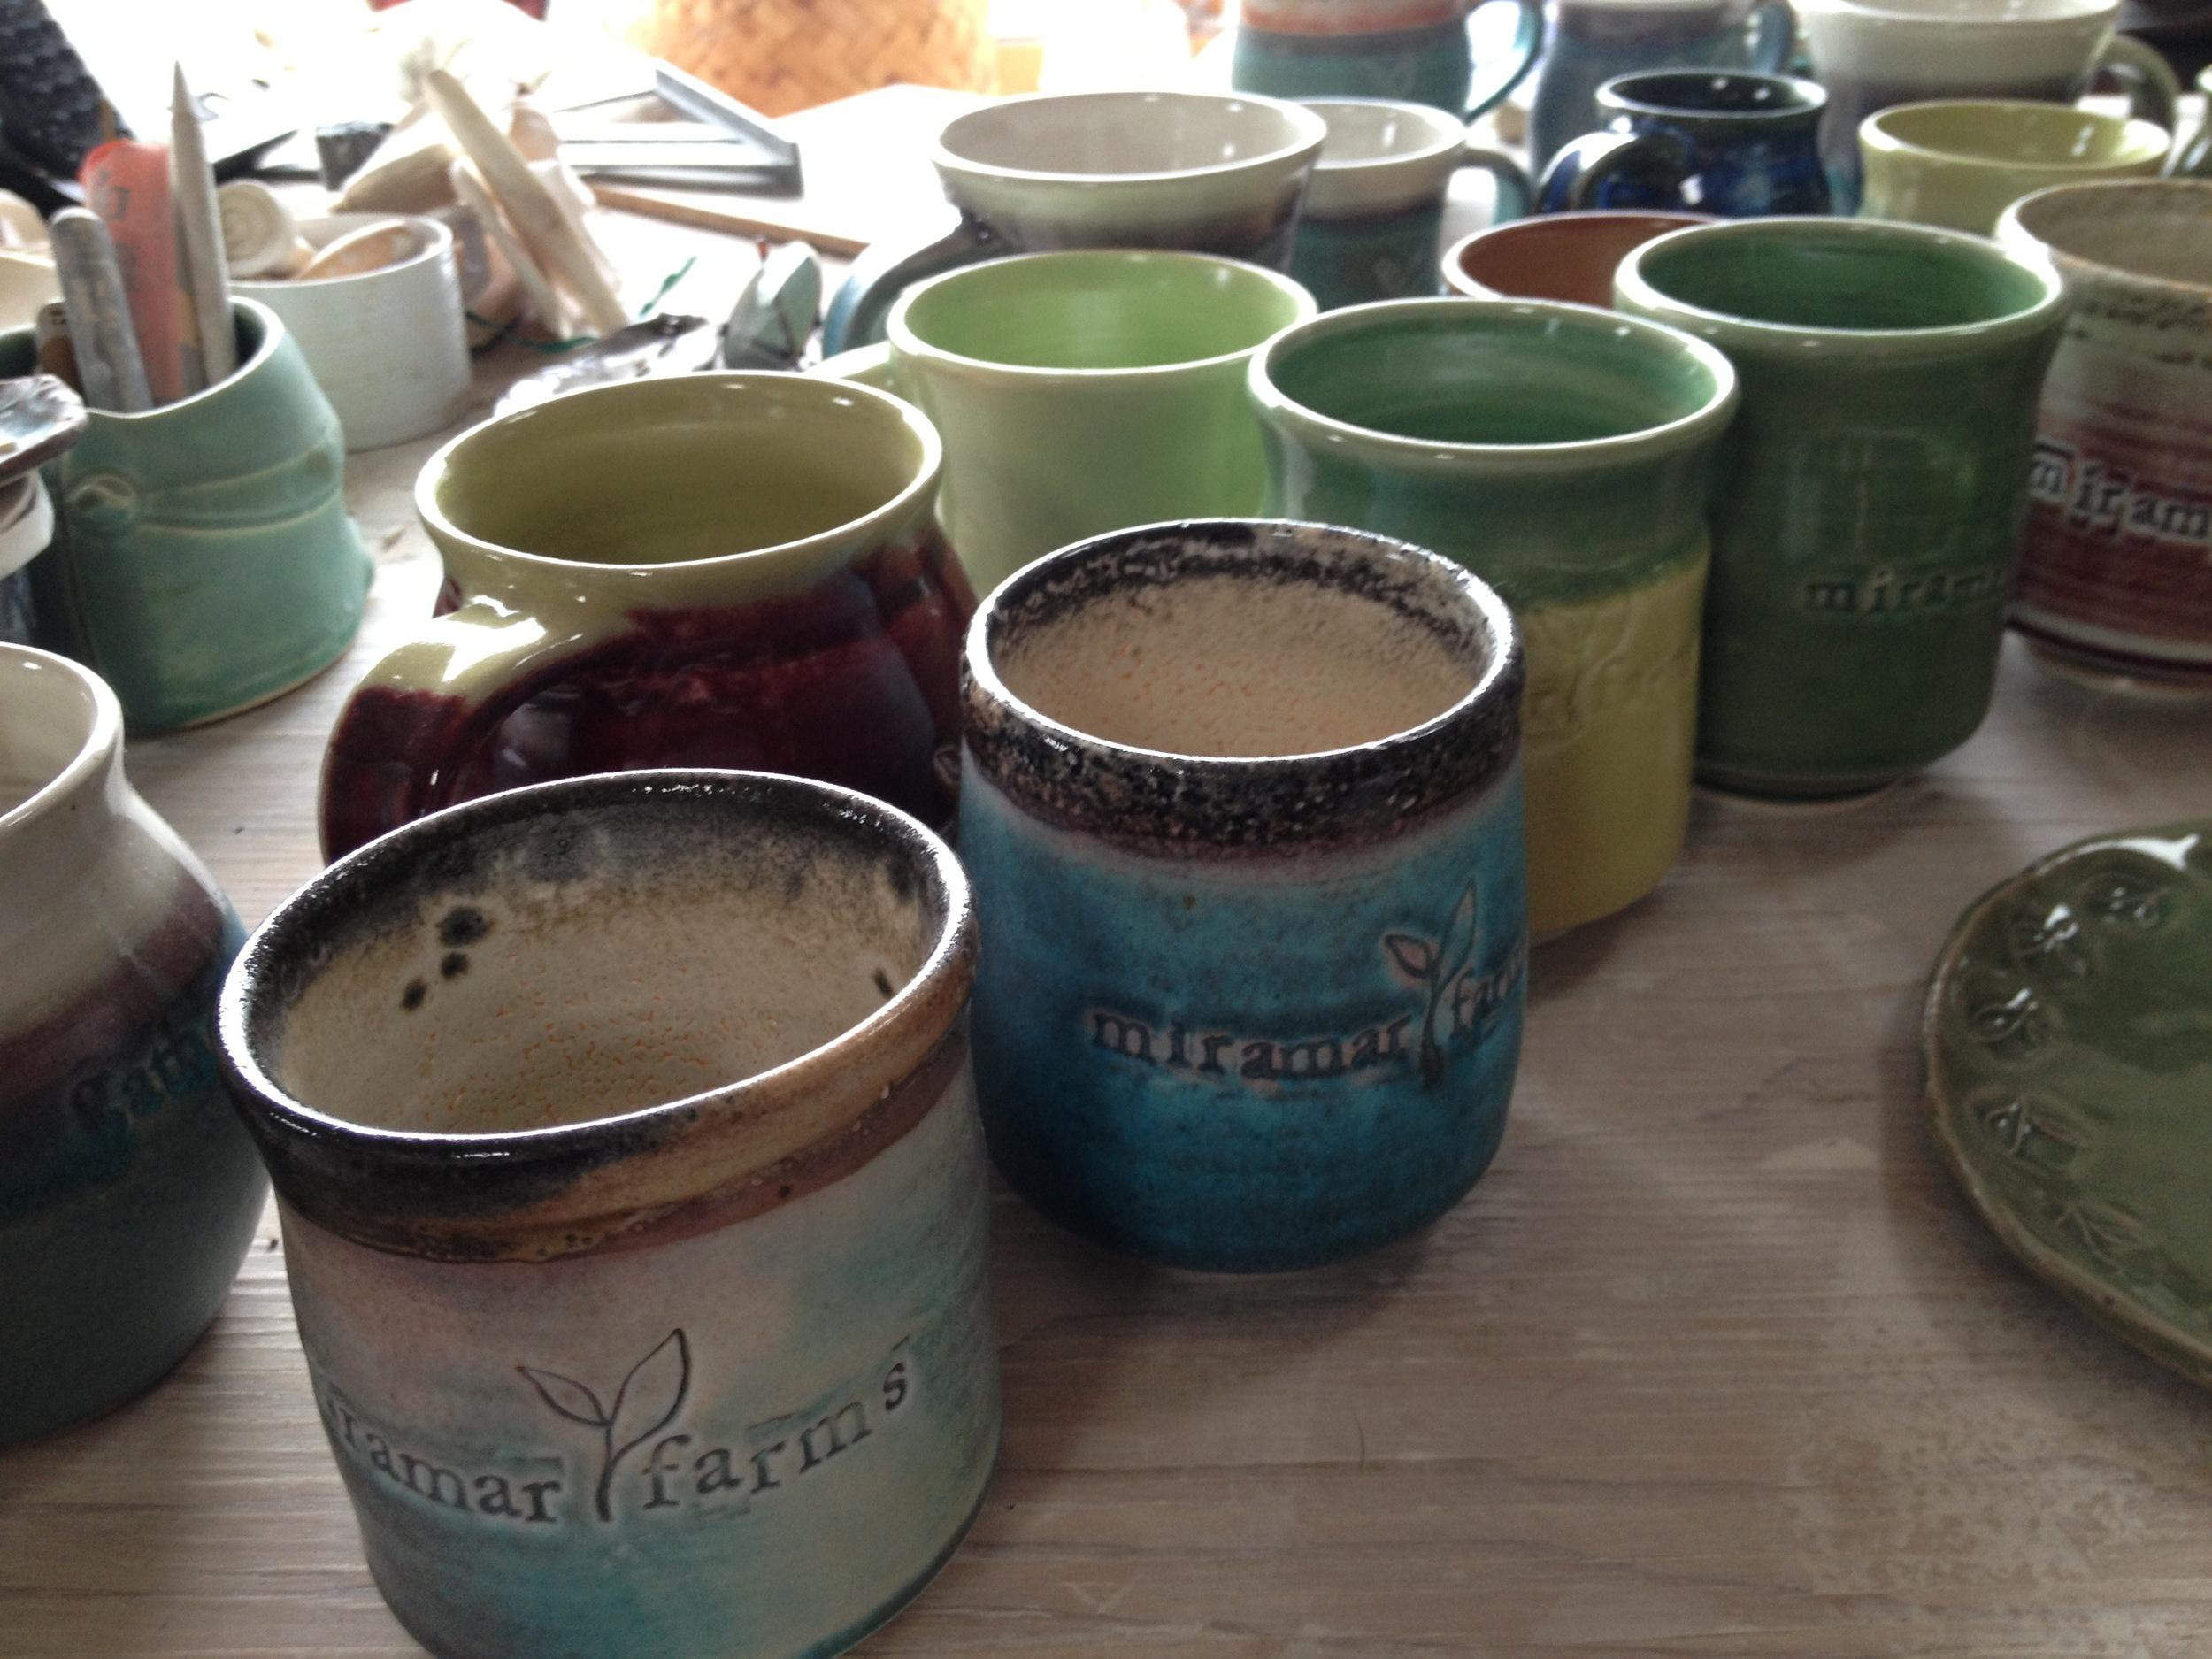 Miramar Farms logo teacups and mugs